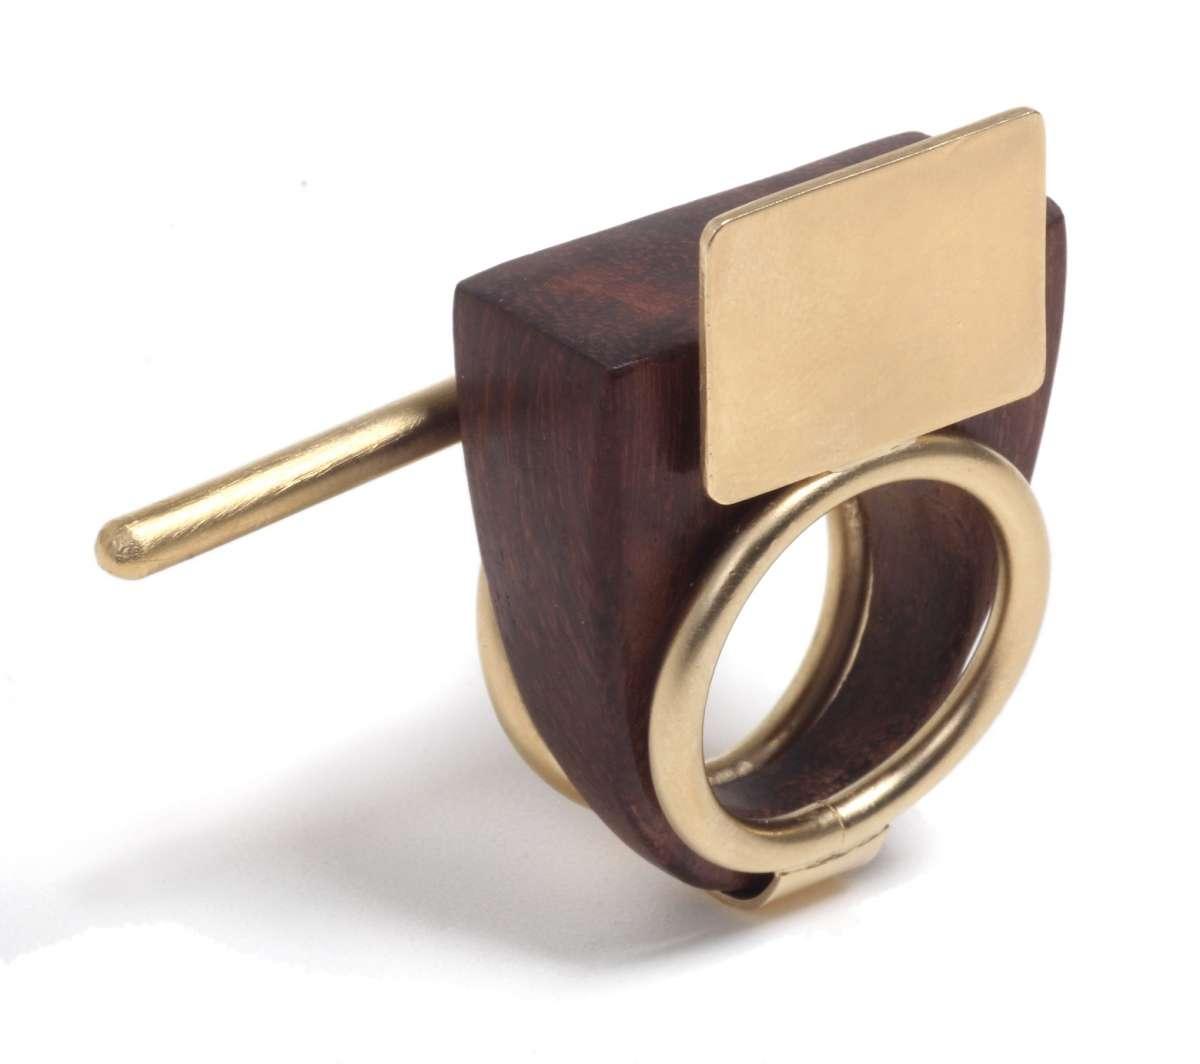 פזית קידר טבעת טריו בעיצוב אורבני בשילוב עץ פליז ציפוי זהב 24 קארט 469שח צילום יחצ